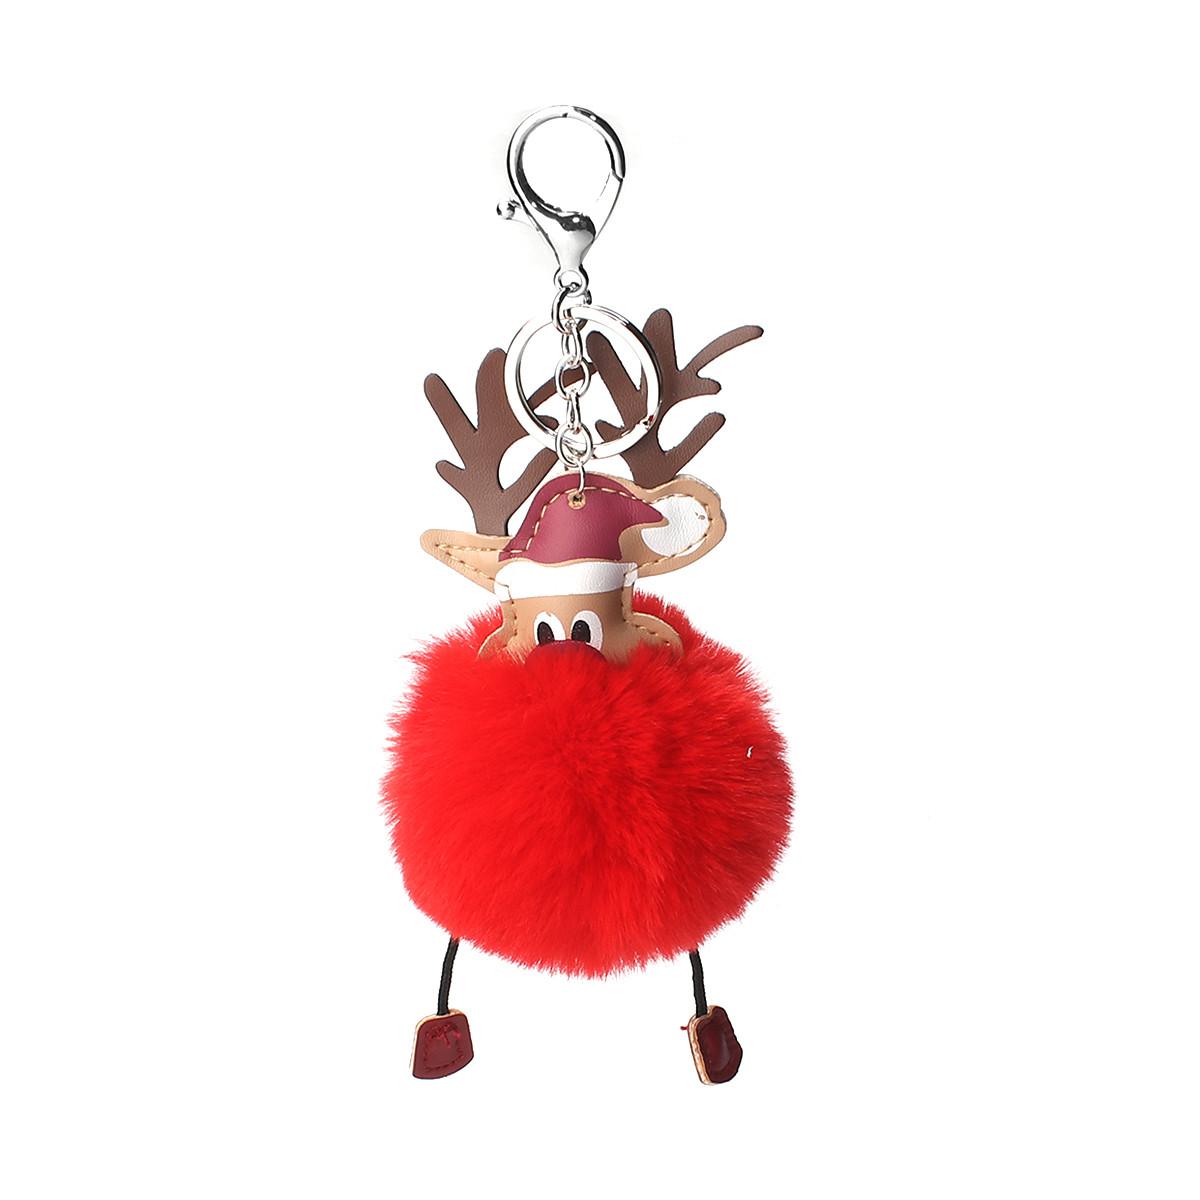 Брелок Різдвяний олень, ЕКО шкіра + Помпон, Колір: Сріблястий тон, Червоний, 19 см x 8 см